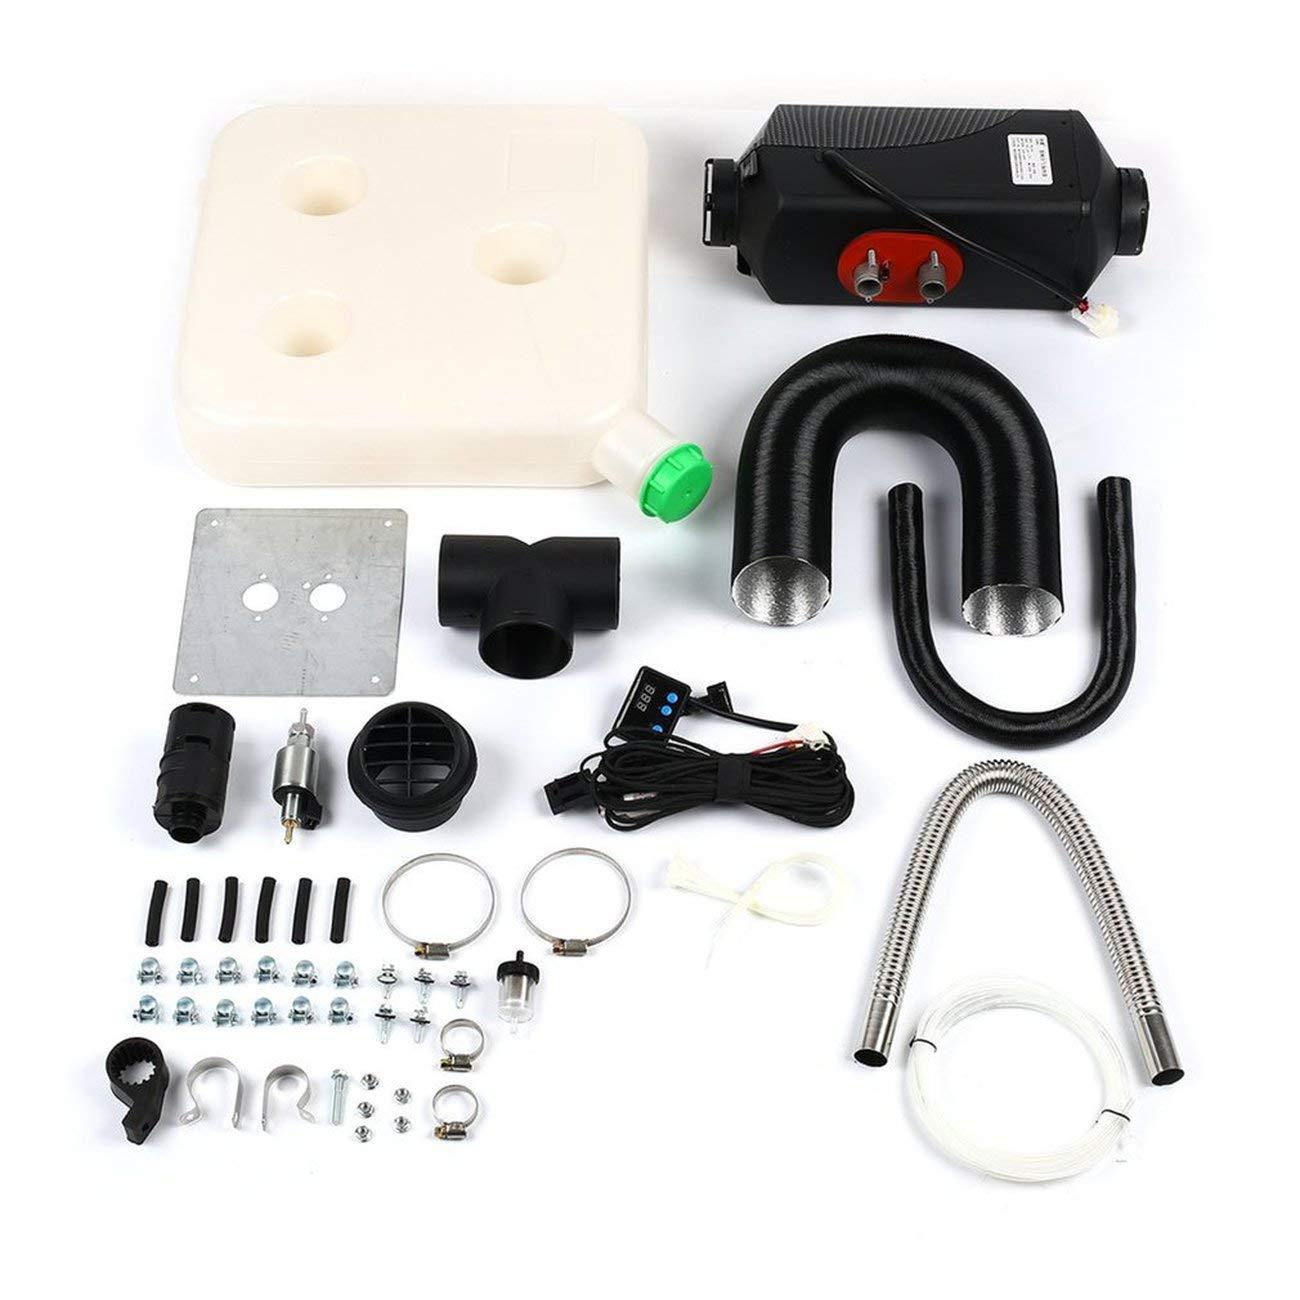 LasVogos 12V/8000W Single Hole Car Heater LCD Dynamic Display Remote Control Silencer